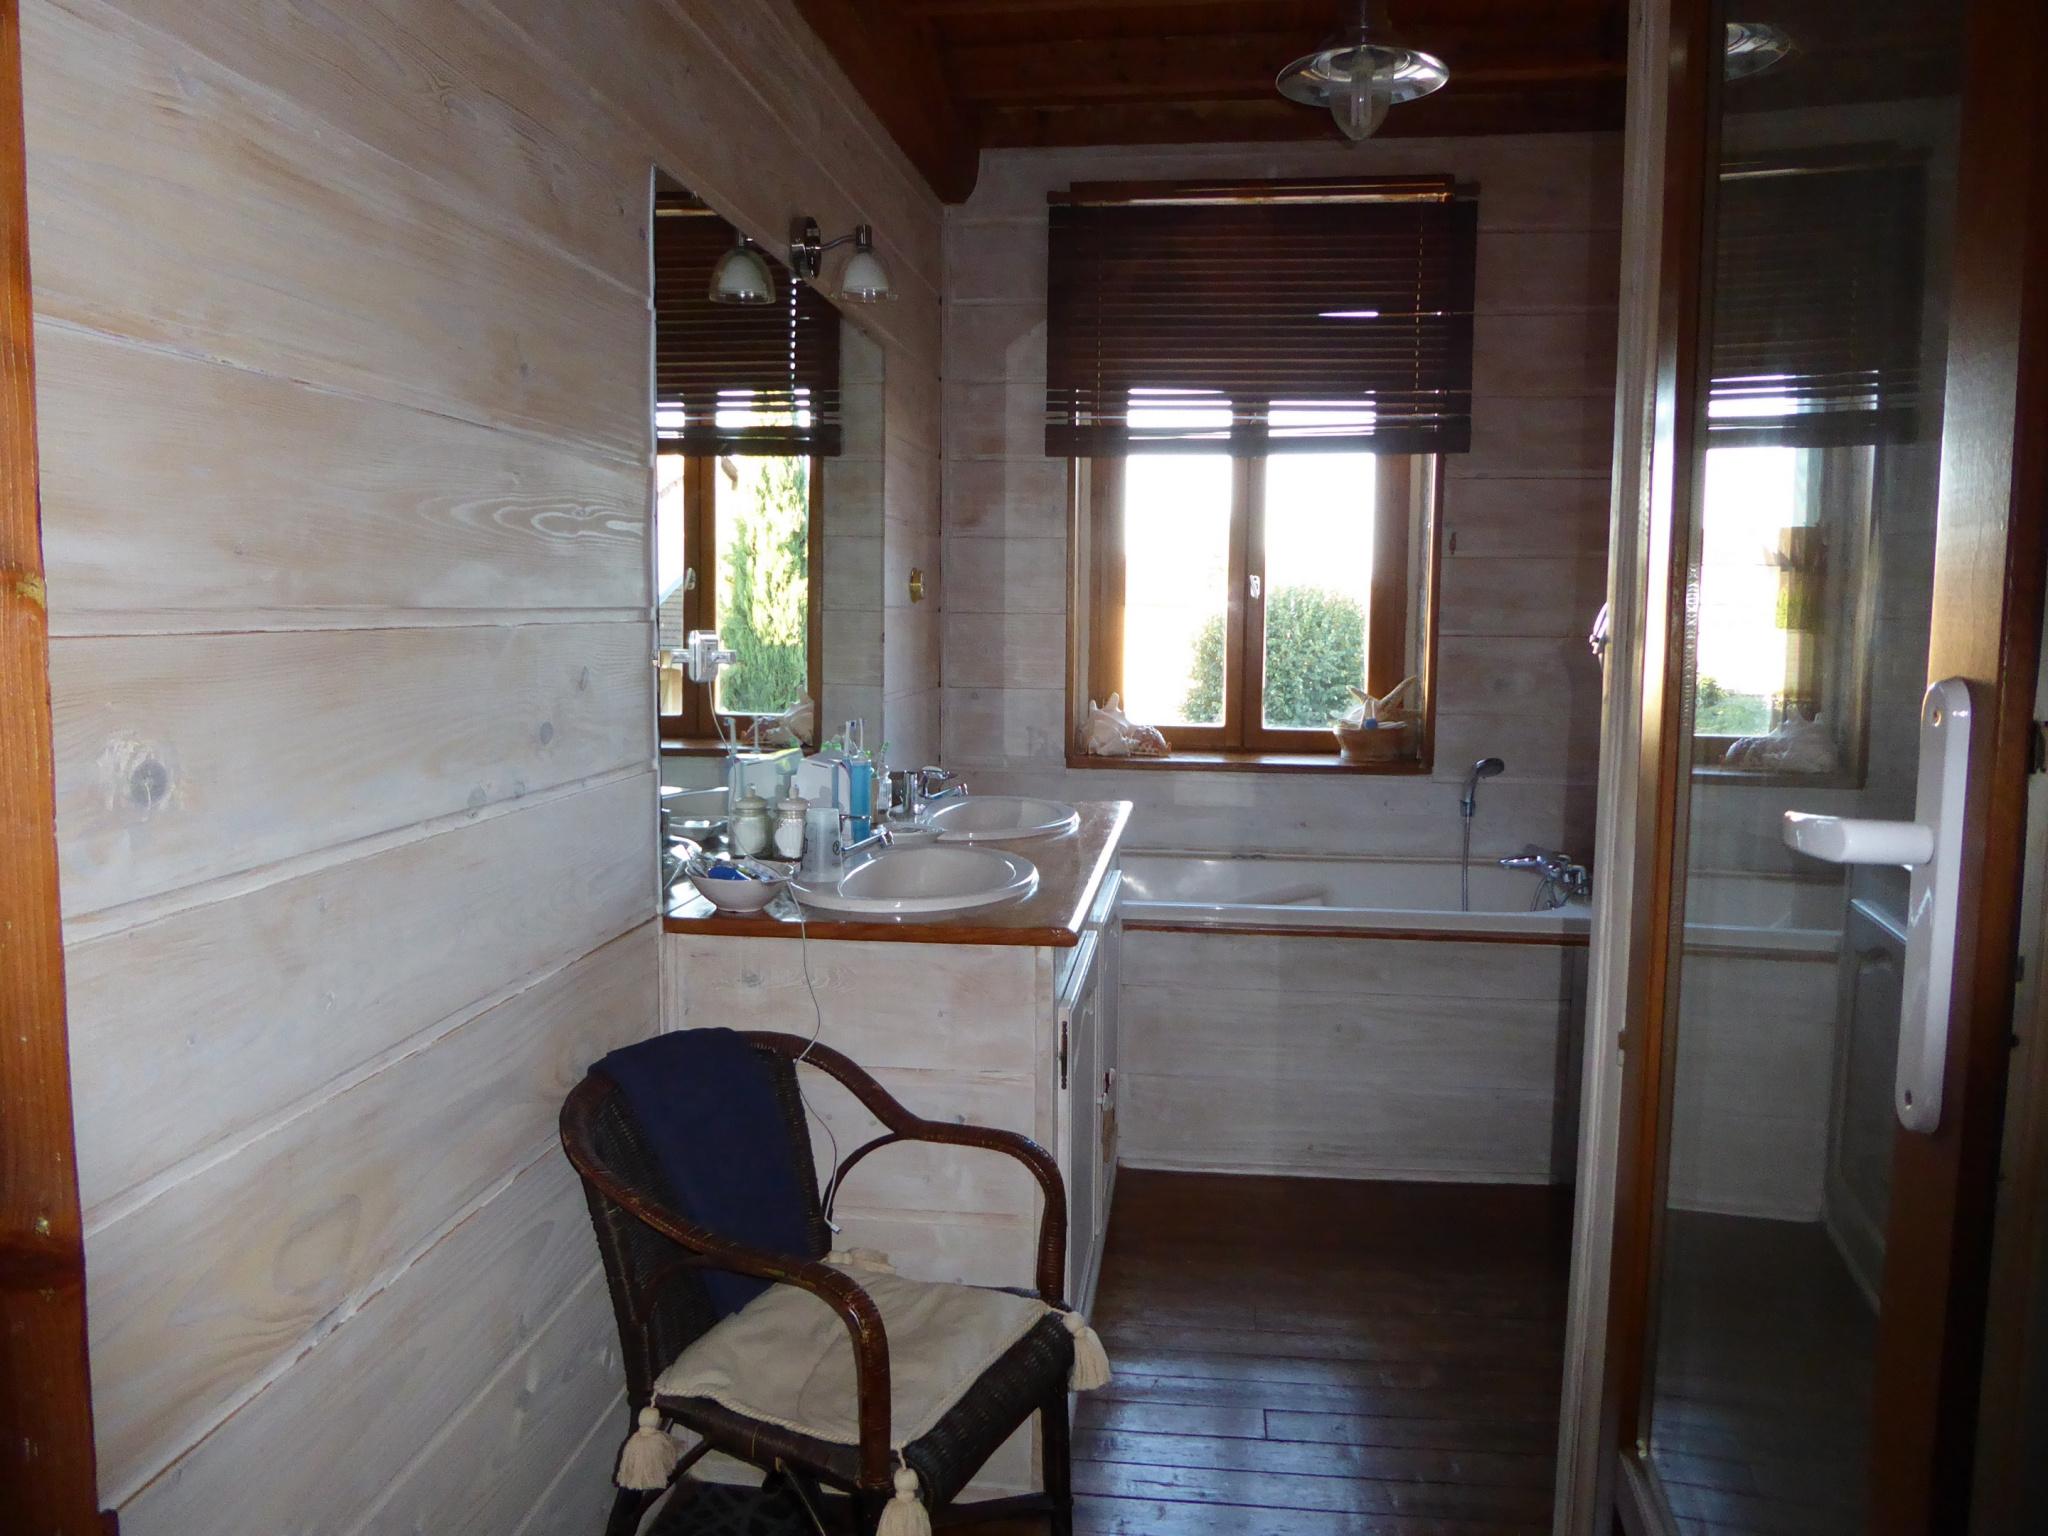 Salle de bains avec douche et wc au 1er étage.